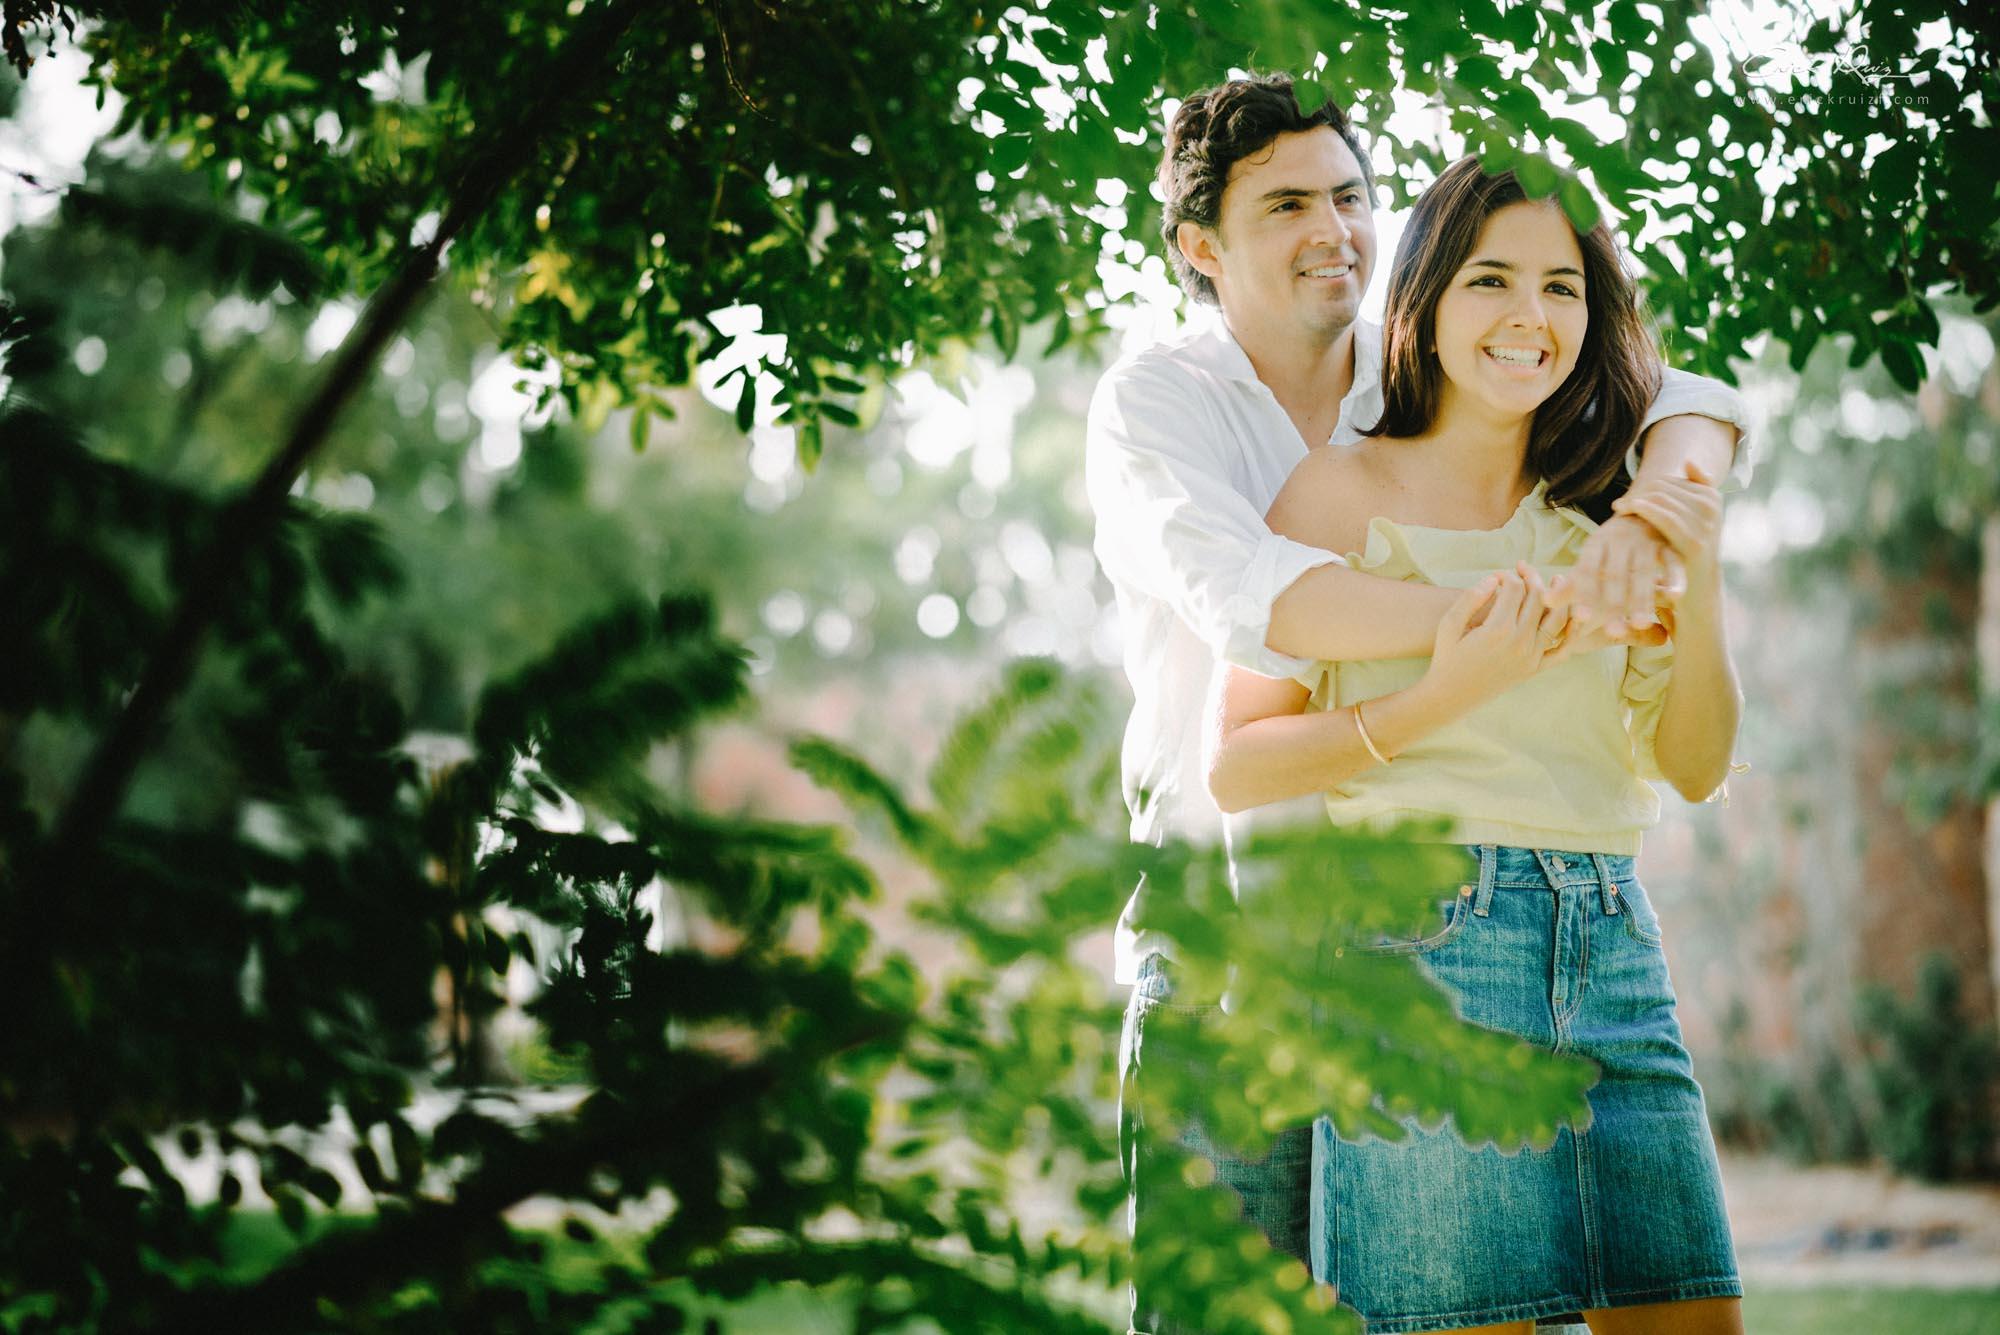 preboda francesca y roberto en piura, fotografia de bodas en piura, fotografia y video de bodas en piura, preboda en campo, preboda en los ejidos piura, preboda de dia